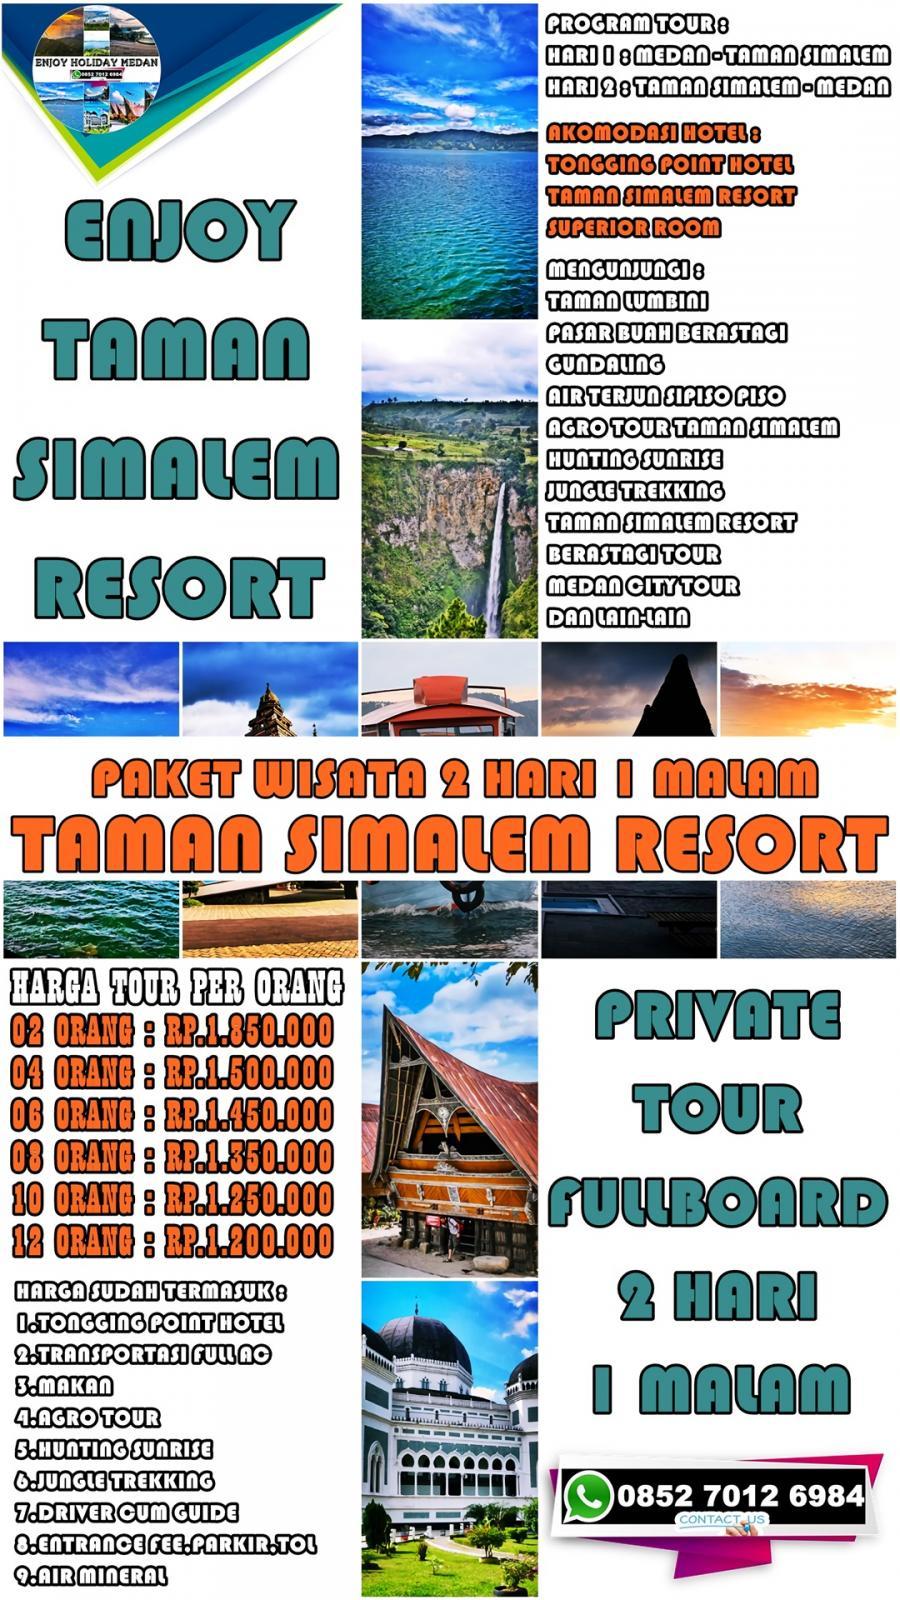 Paket Tour Taman Simalem Resort 6 Hari 5 Malam